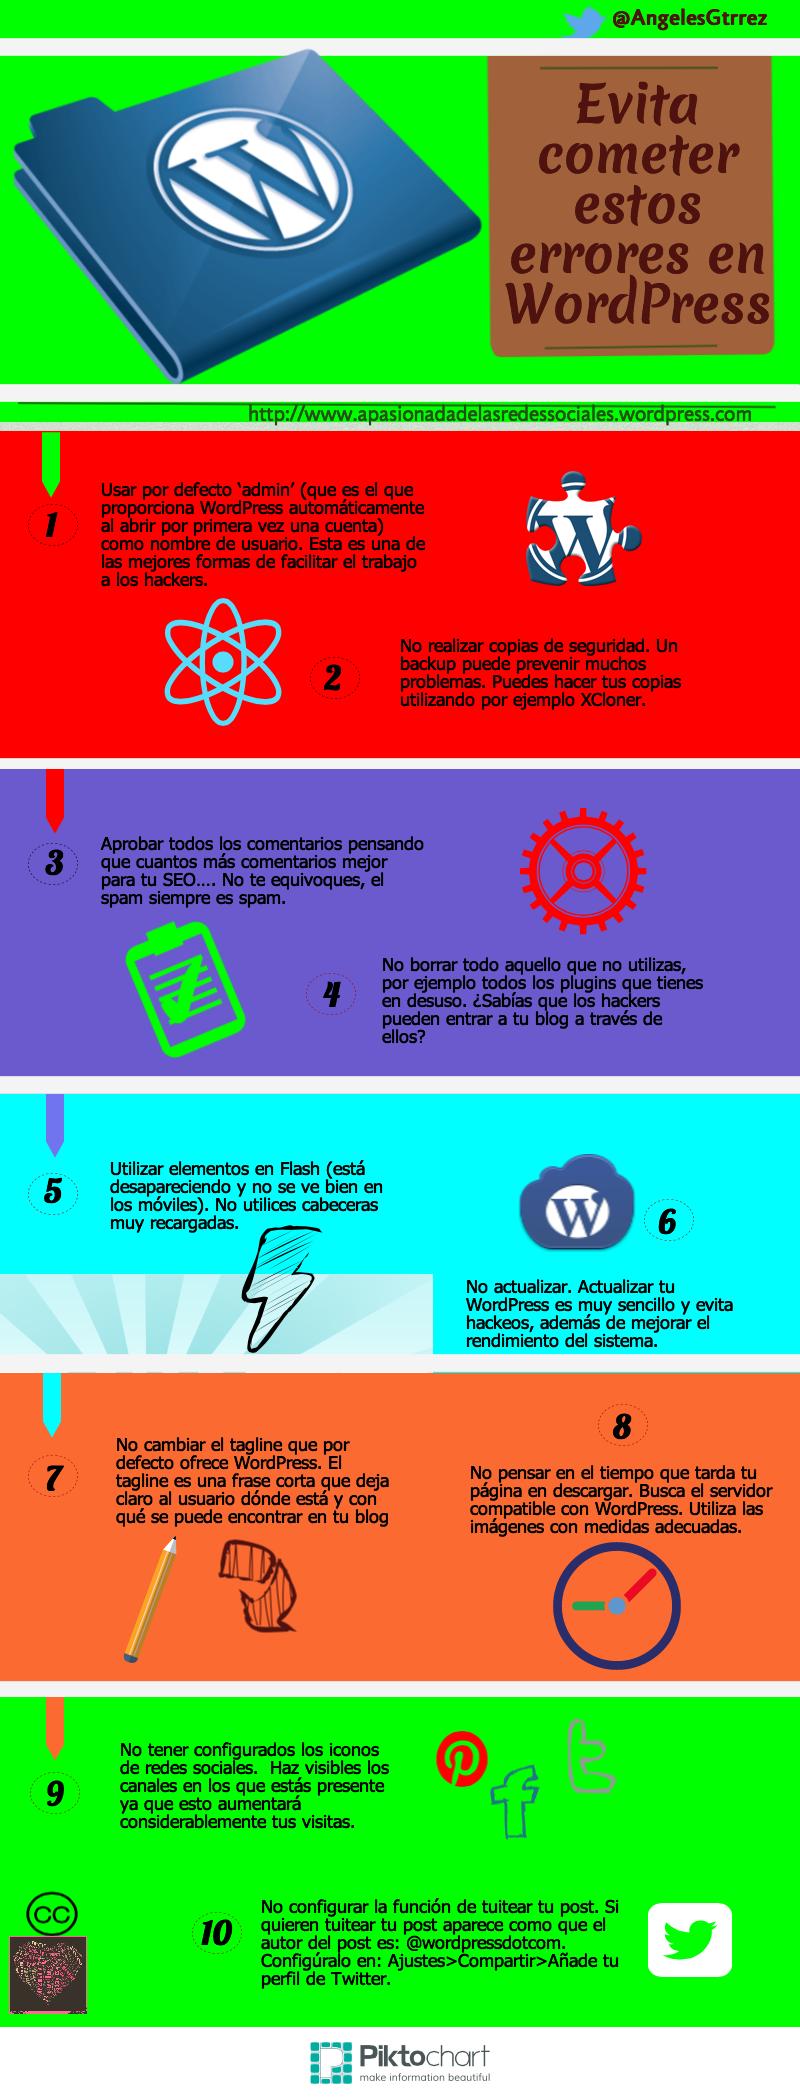 Evita cometer estos errores en WordPress